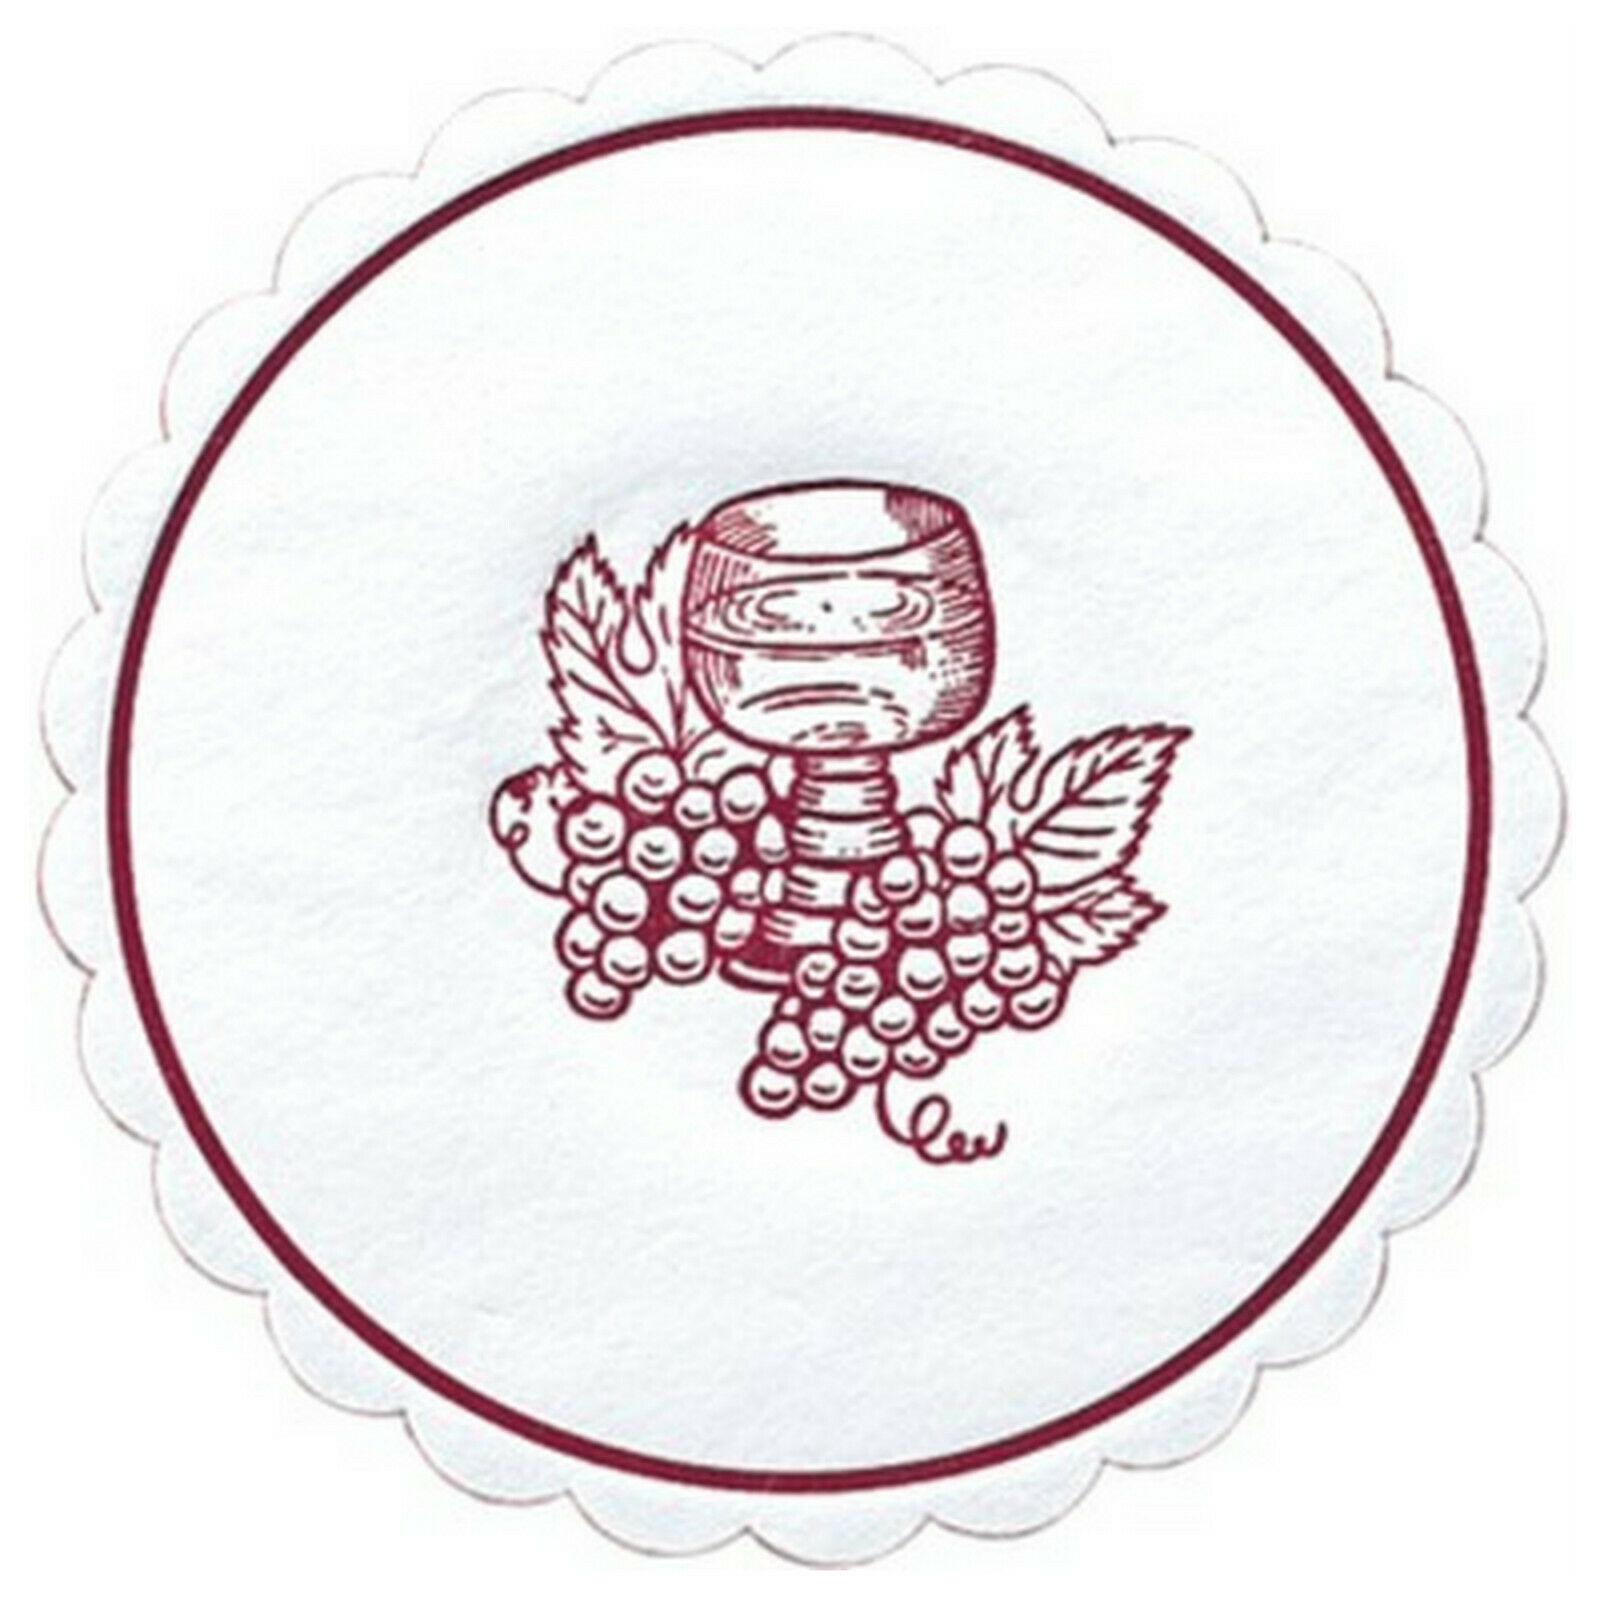 1.500 x Untersetzer Ø 10,5cm Tassendeckchen 9-lagig Papier Tropfdeckchen Traube - Bordeaux